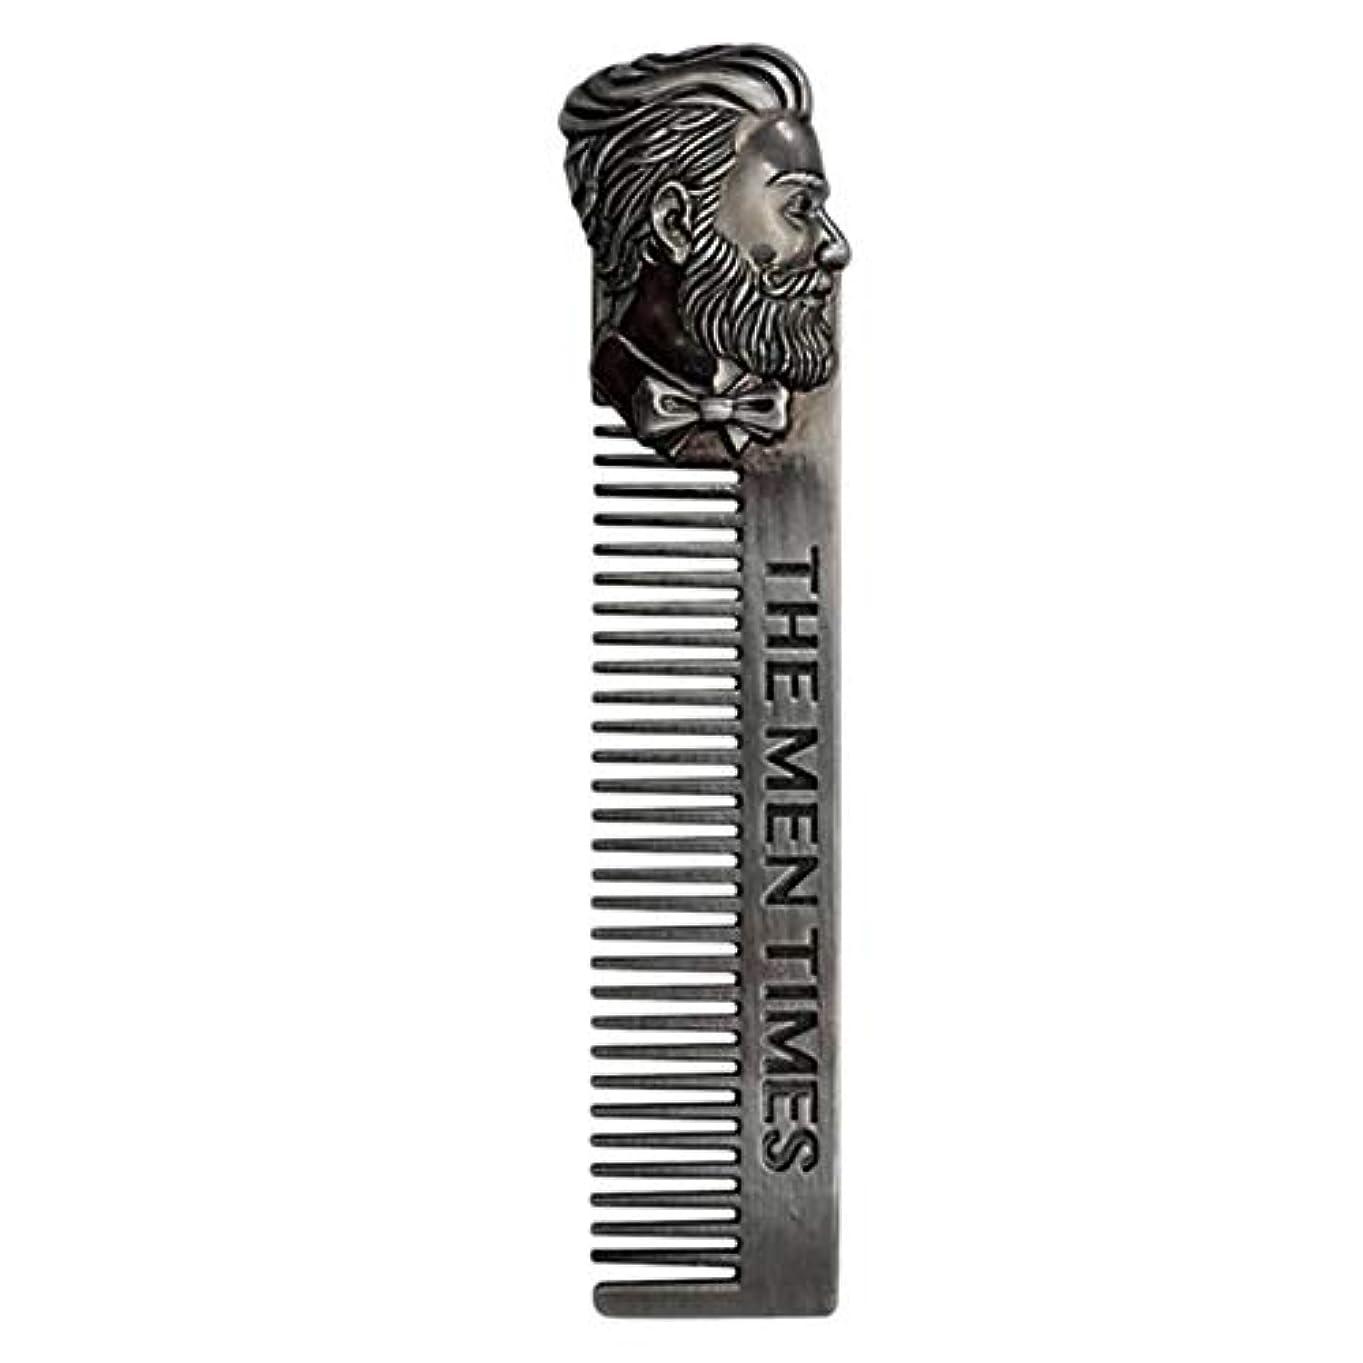 禁輸結婚式伝記CUHAWUDBA 1ピース シルバービアード 髭 メタルビアードコーム メンズヘアビアードトリムツール